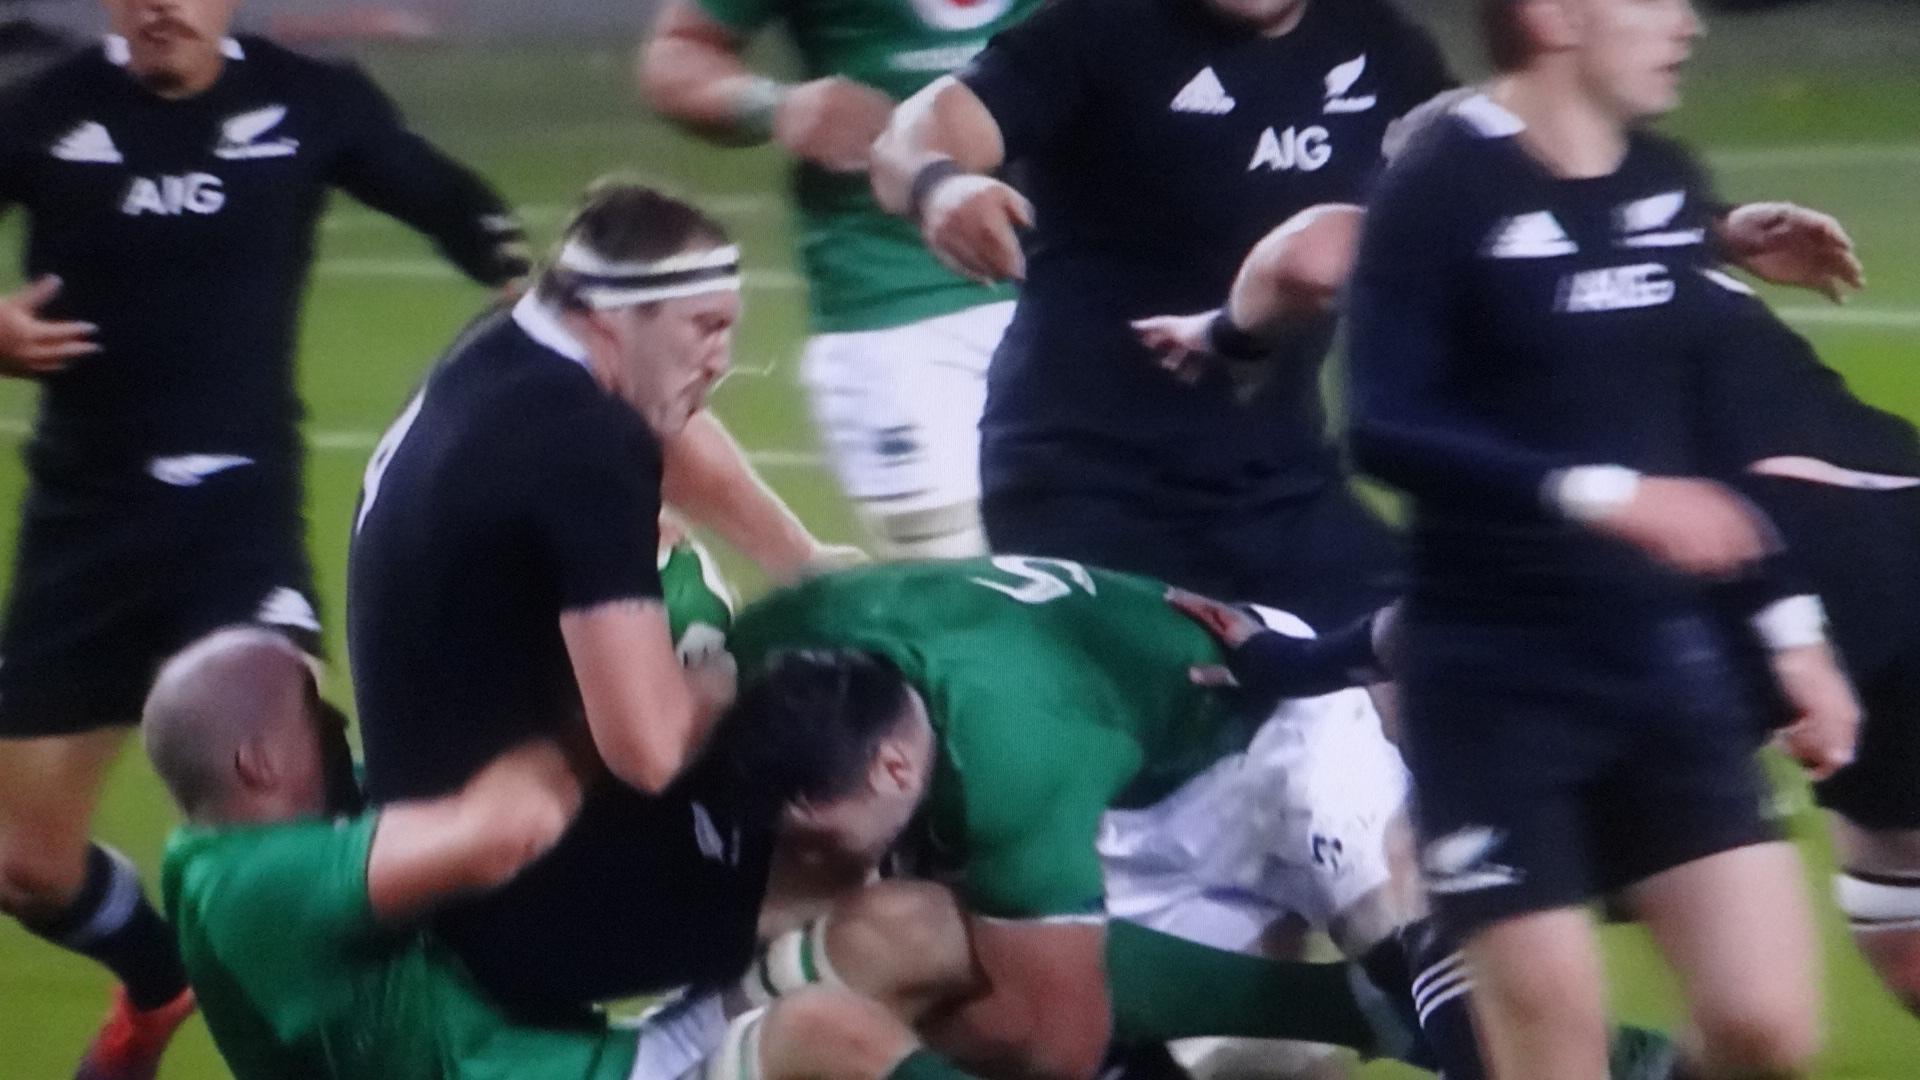 巨漢レタリックを仰向けに押し倒すアイルランド選手